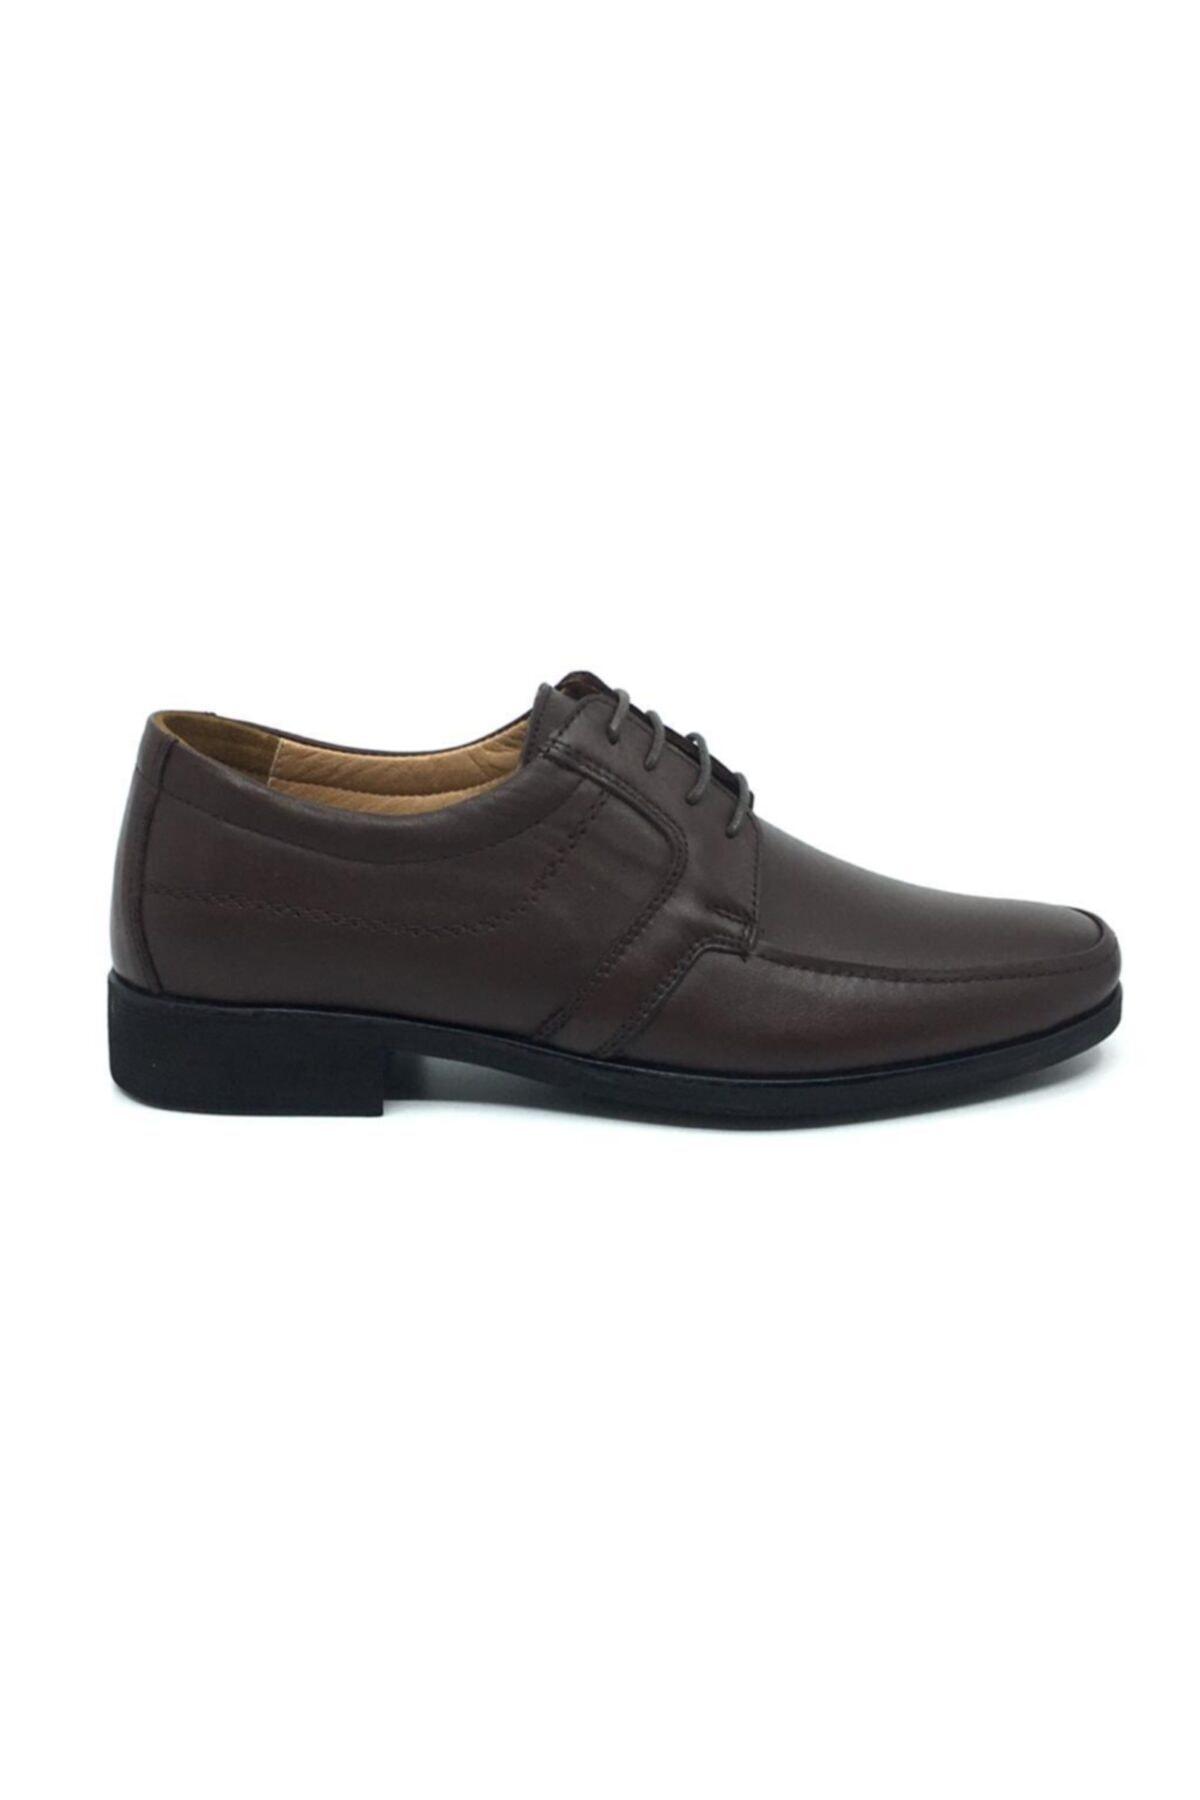 Taşpınar Likers%100 Deri Ortopedik Erkek Günlük Klasik Ayakkabı 40-44 2